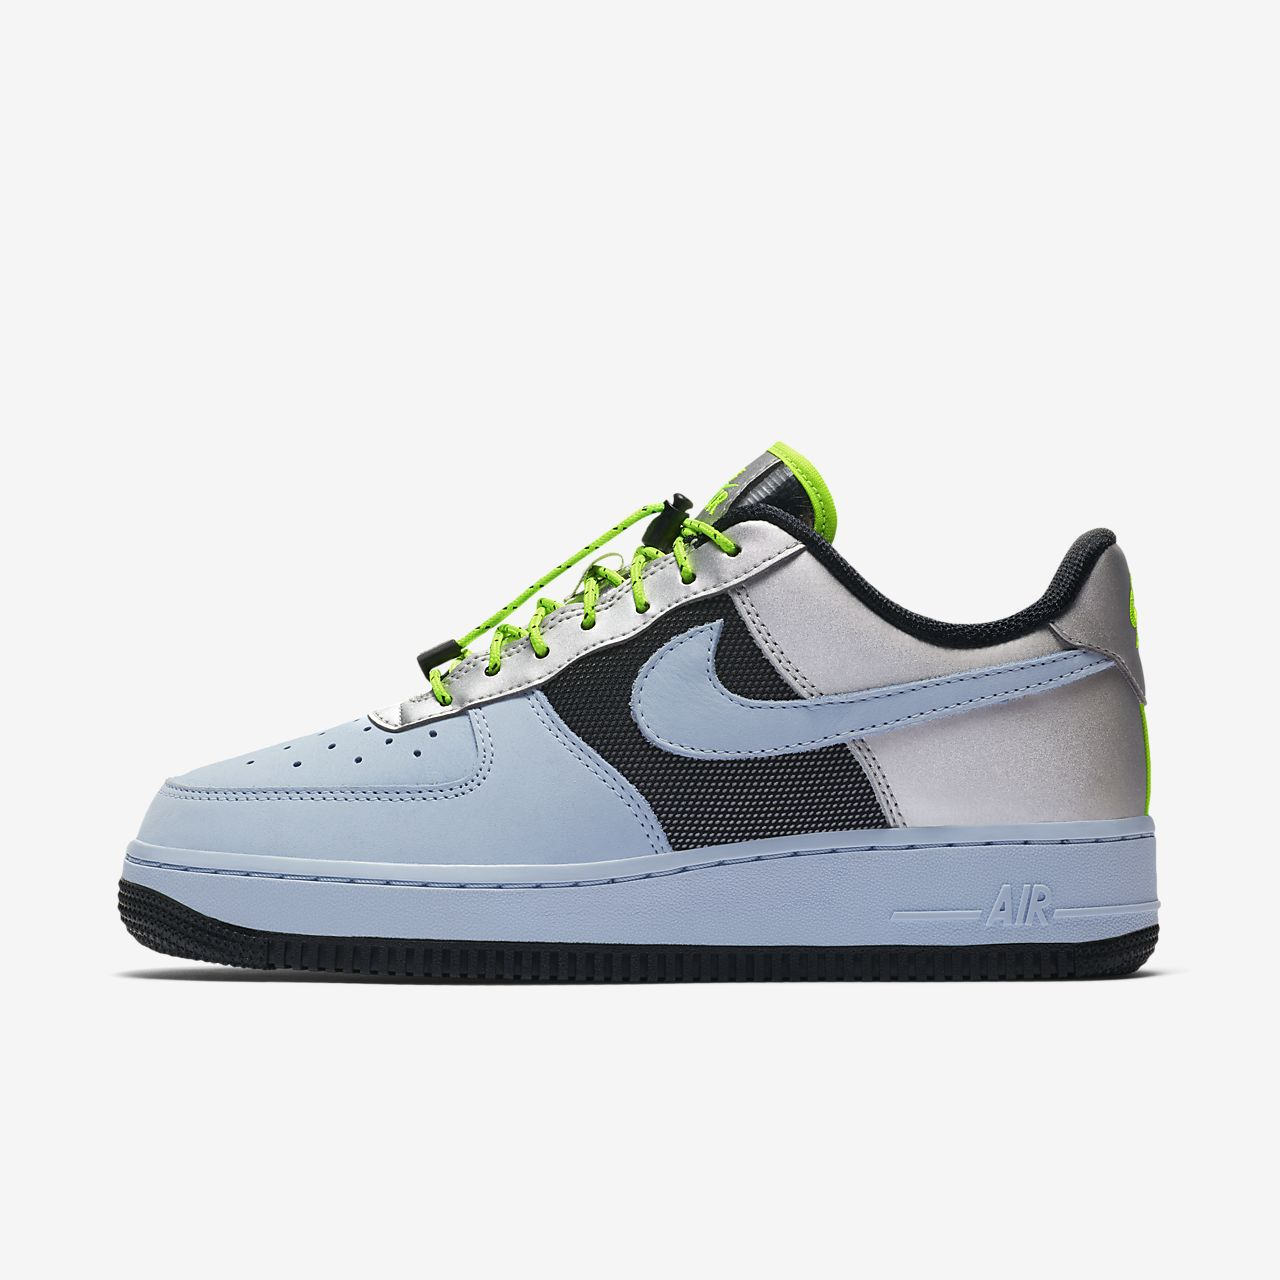 Nike Air Force 1 Low Women's Shoe